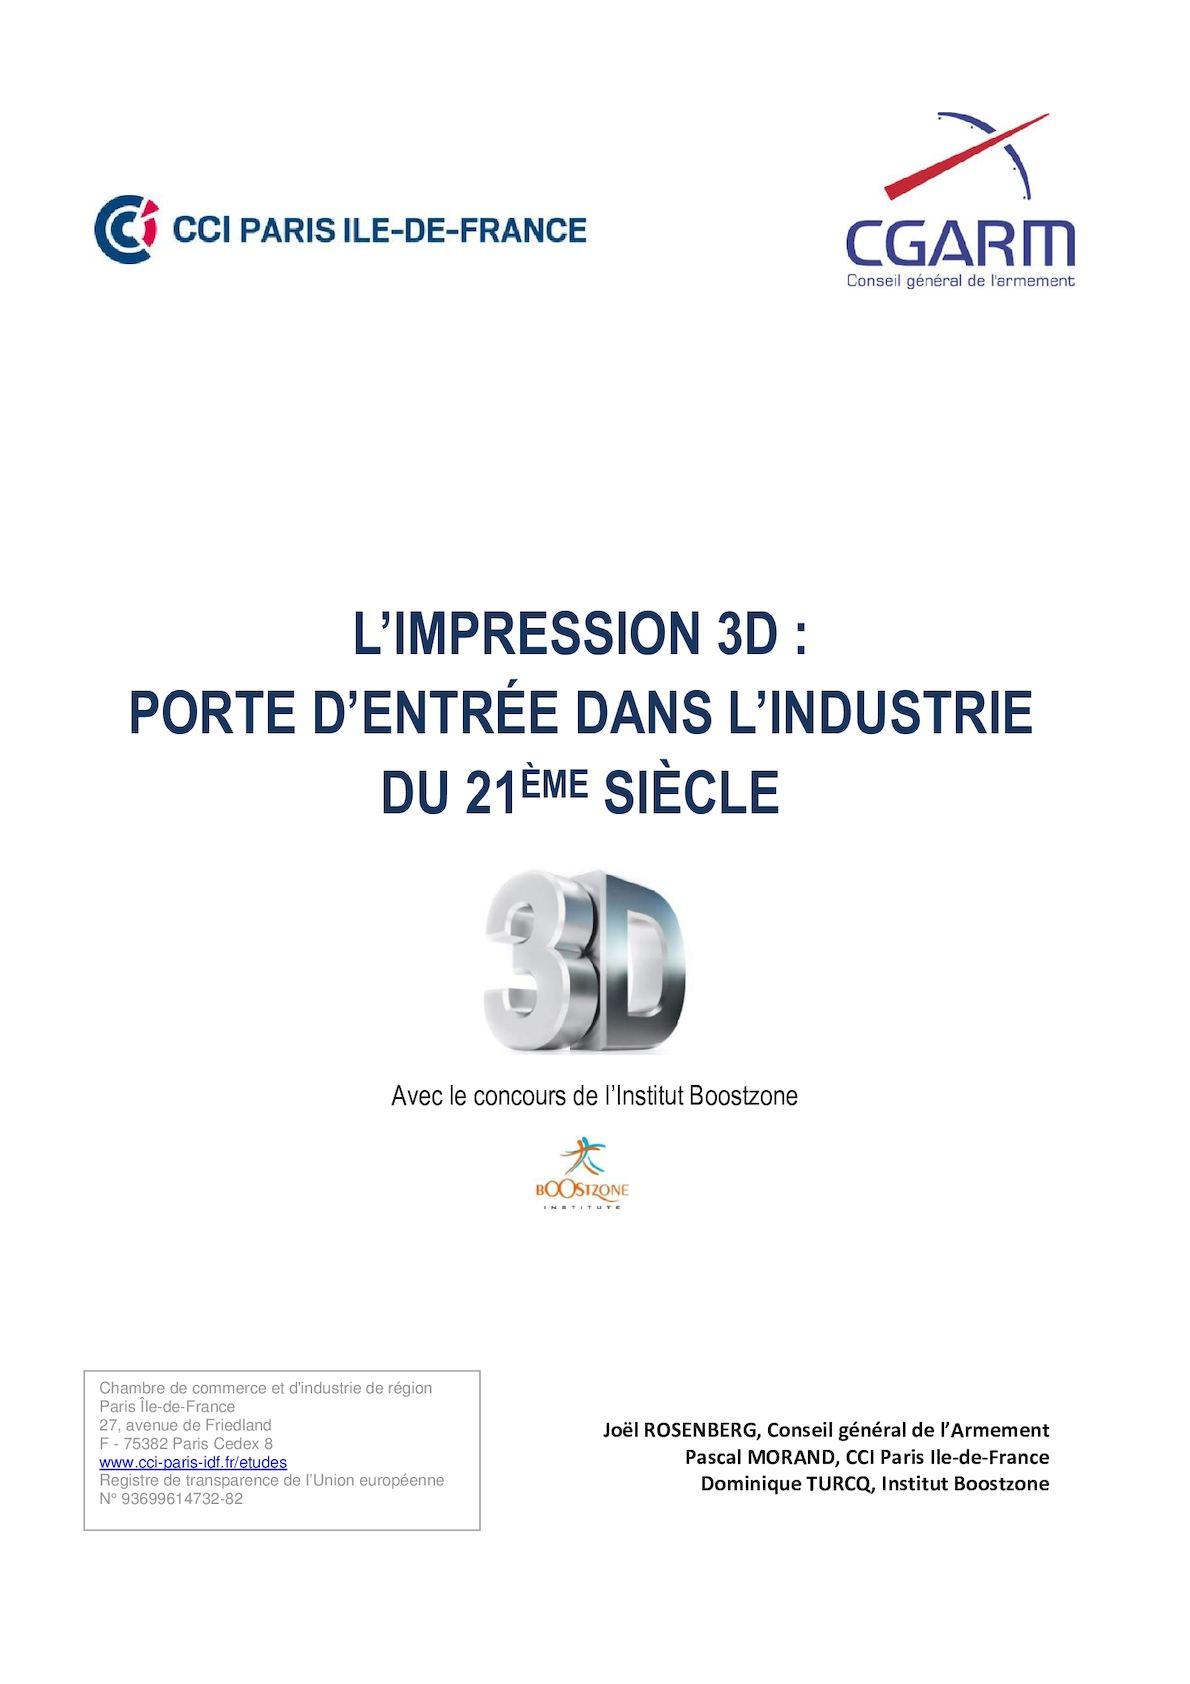 Calaméo - L impression 3D   porte d entrée dans l industrie du 21e siècle 97b67593c623